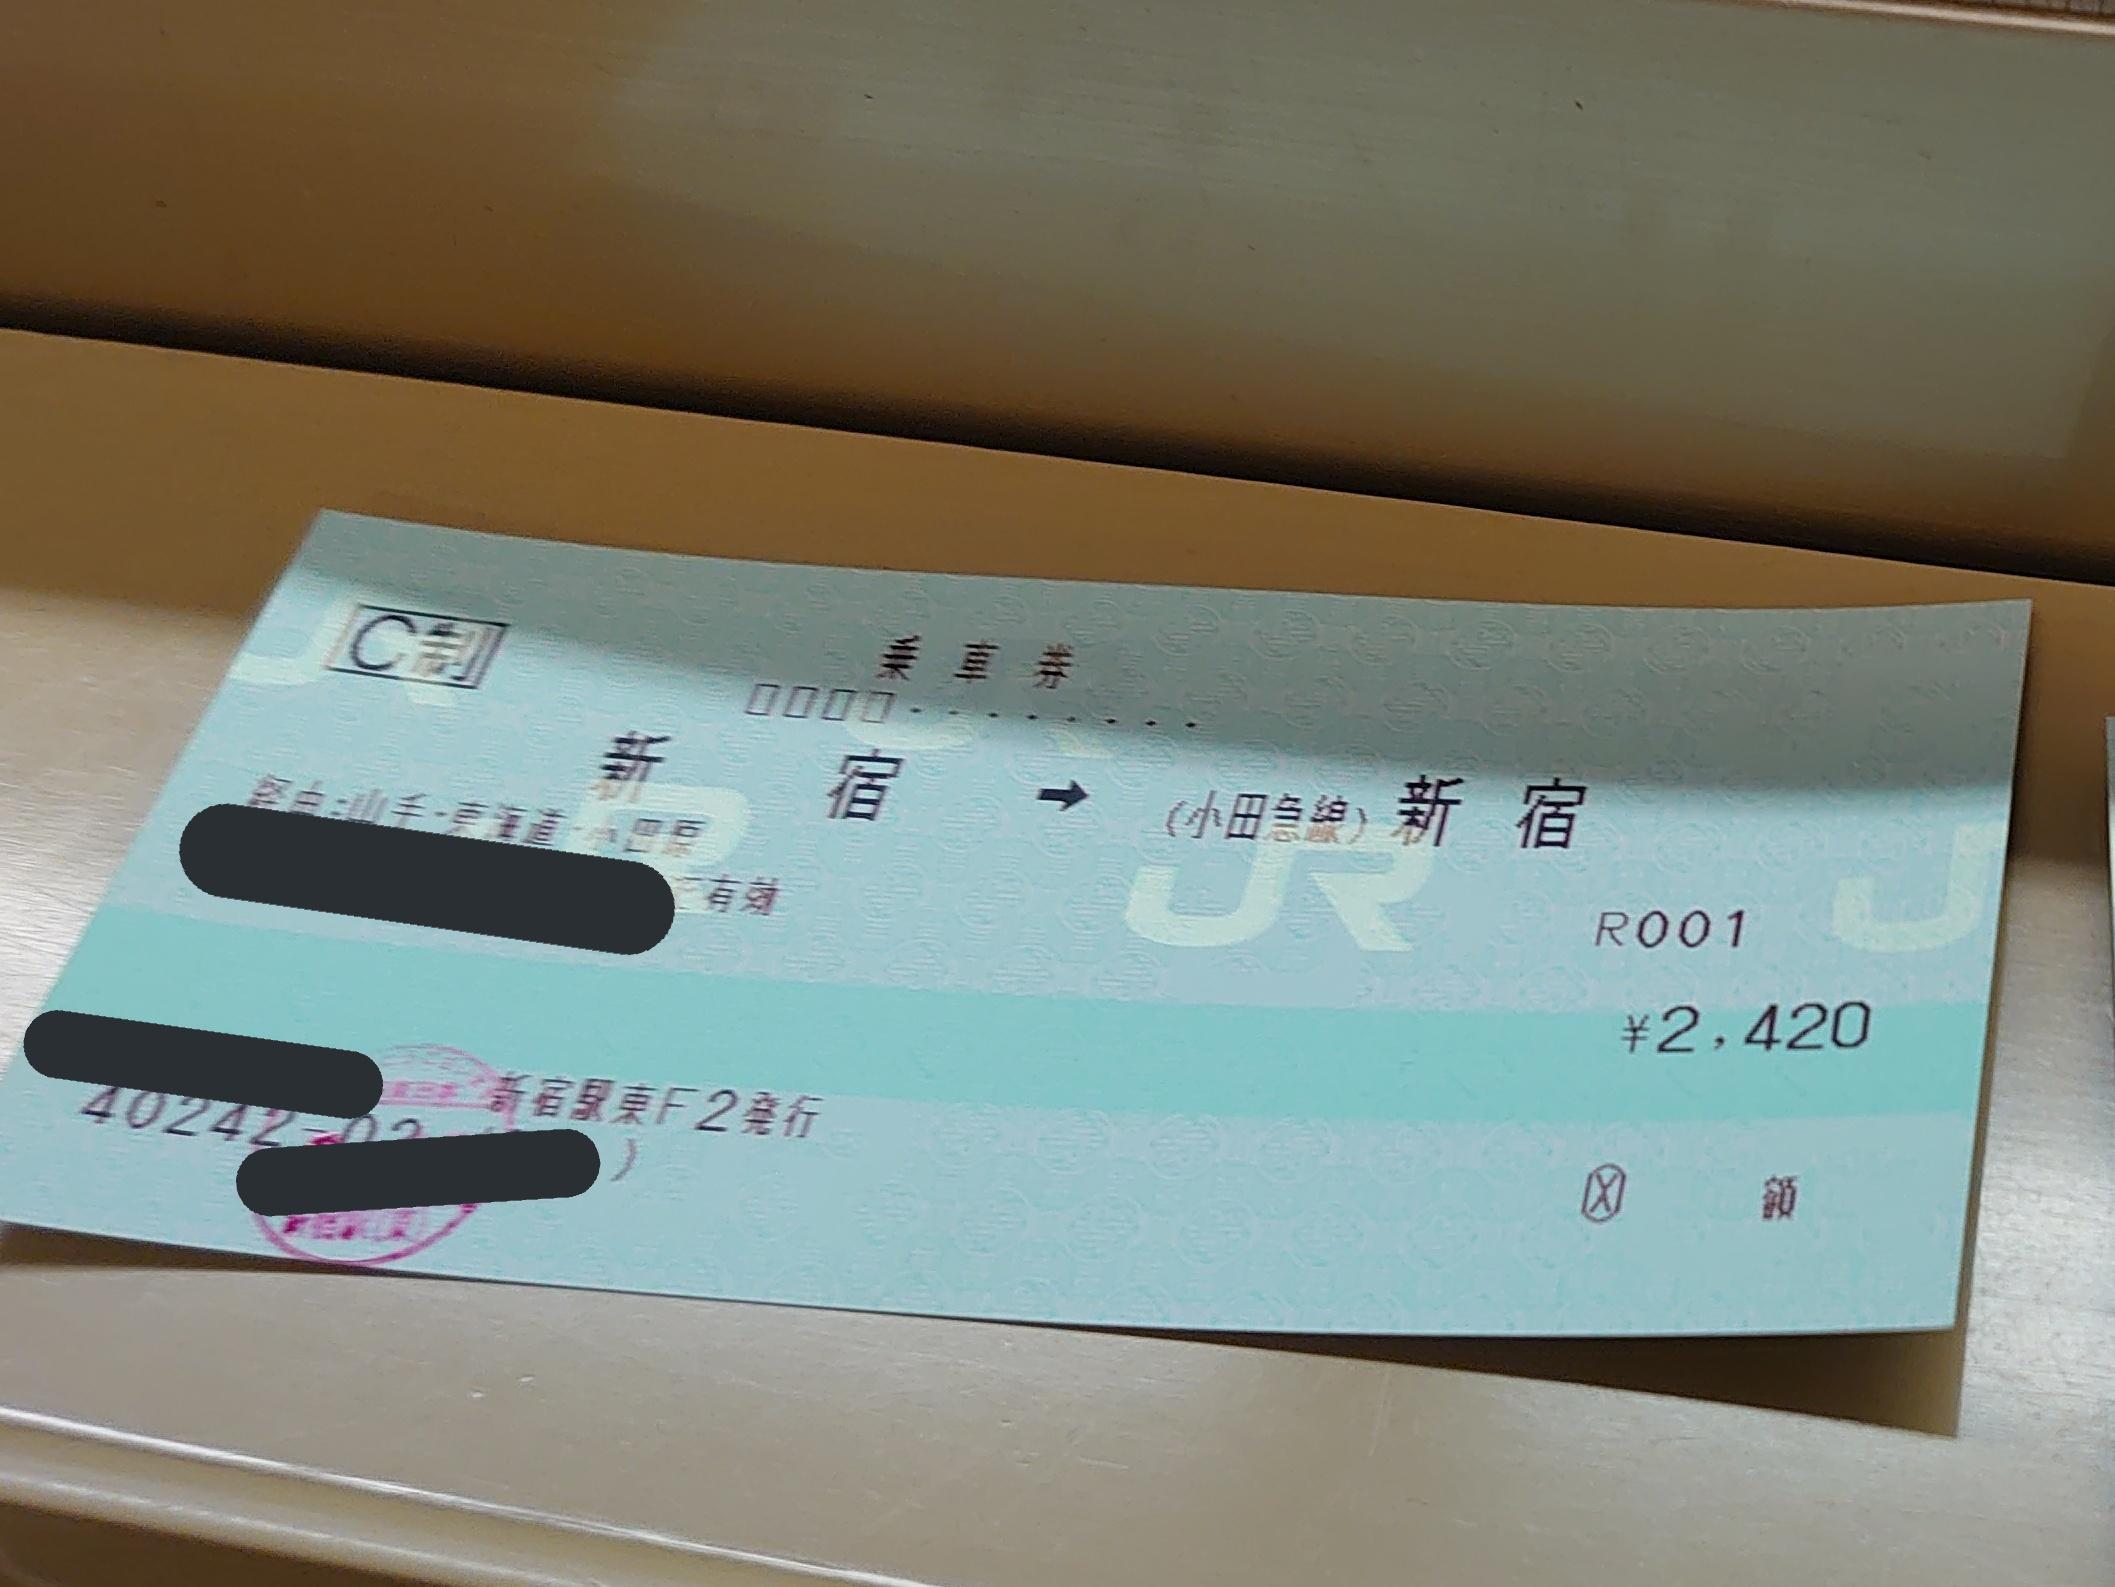 【新宿→新宿の片道乗車券】新宿から小田原の通勤に最適なのは 国鉄グリーン車vsロマンスカー